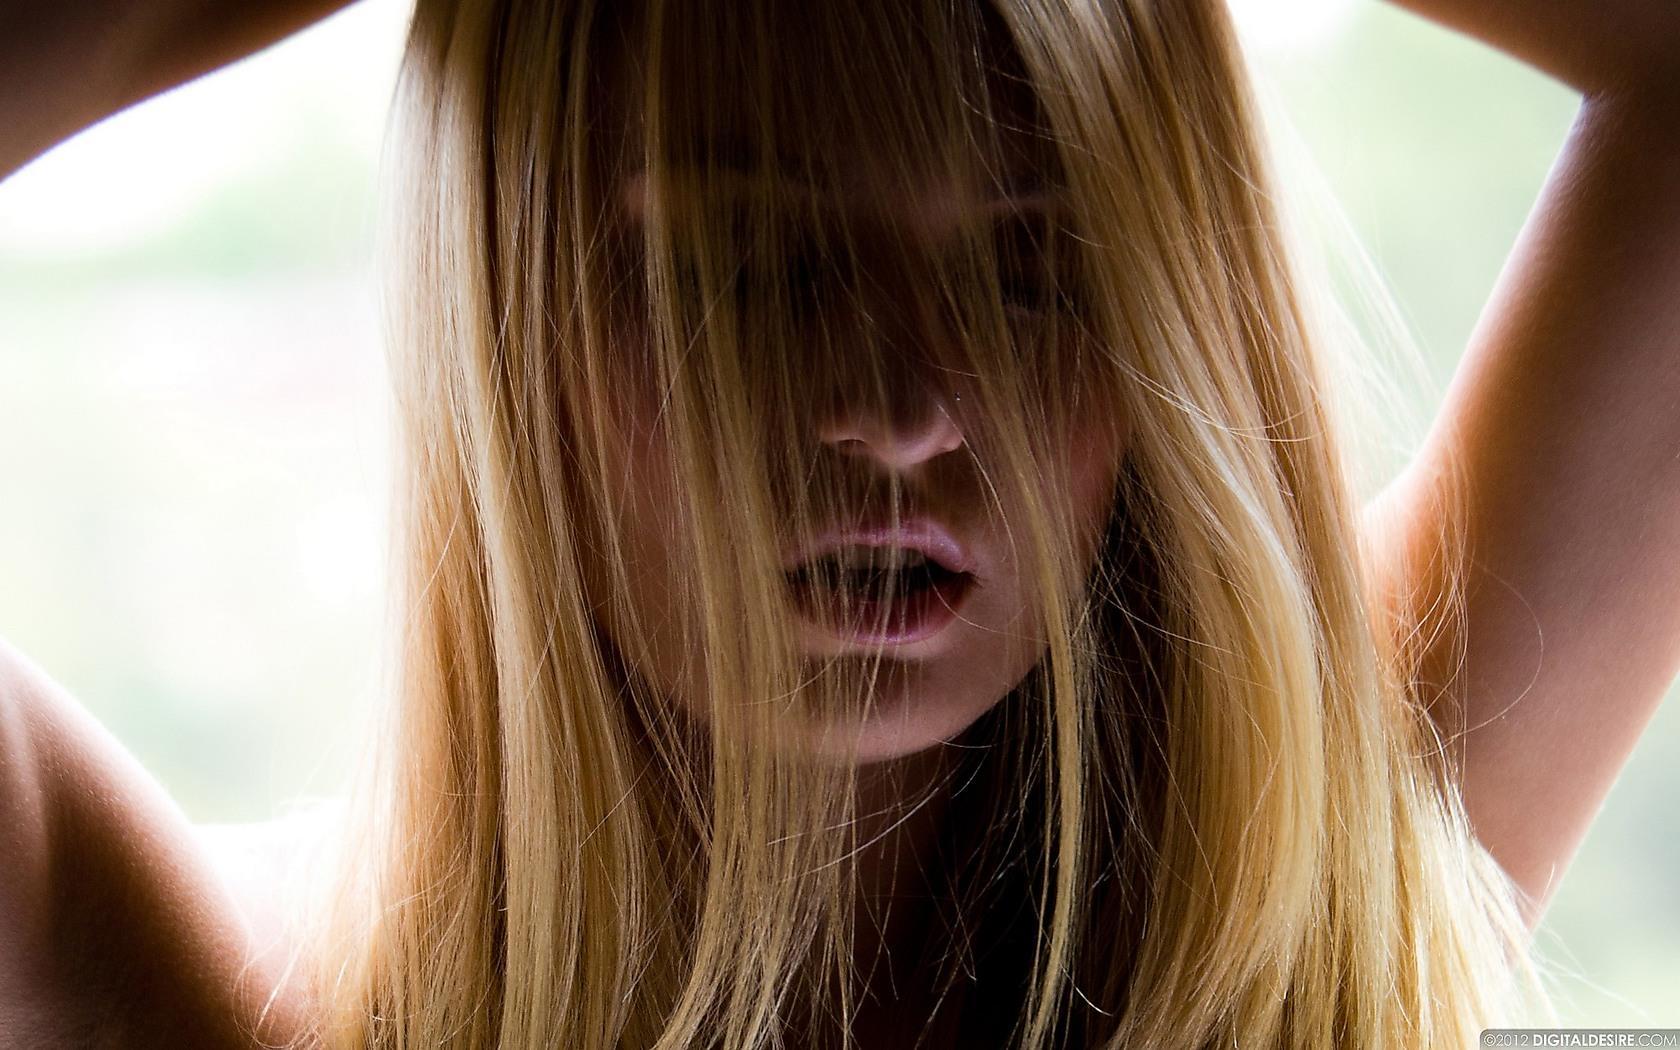 fond-ecran-filles-blondes_1